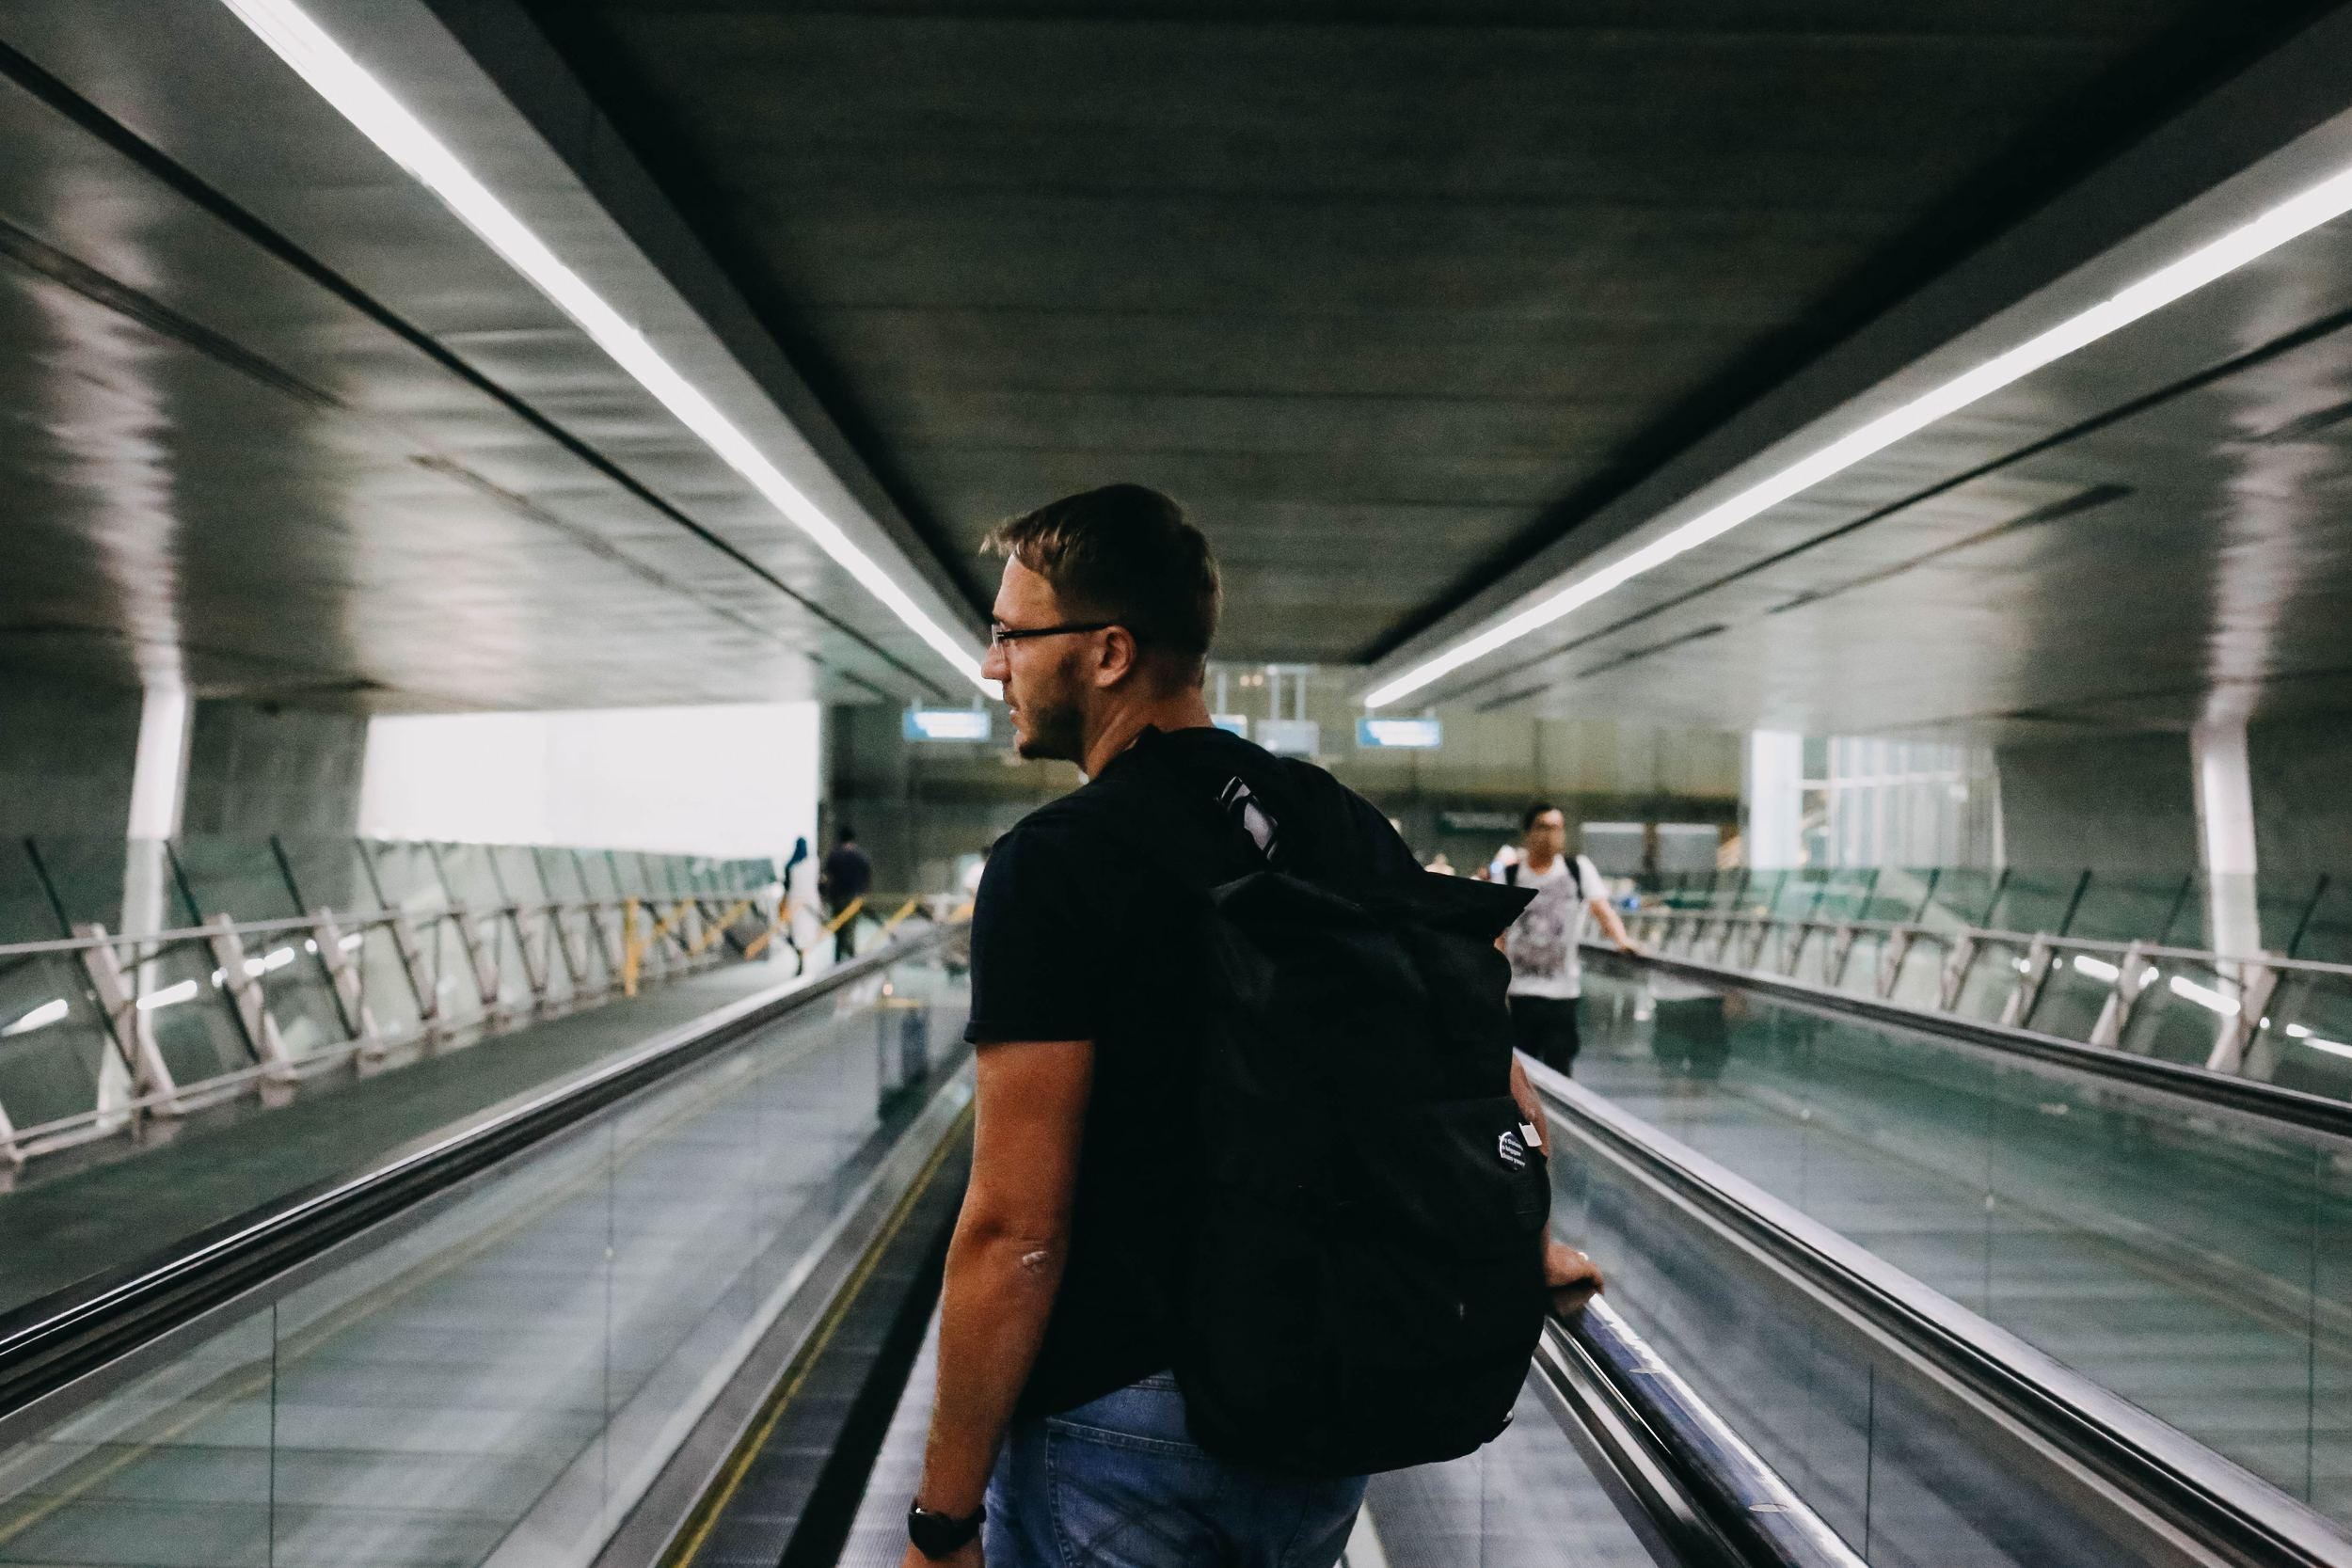 singapore safe traveling alone